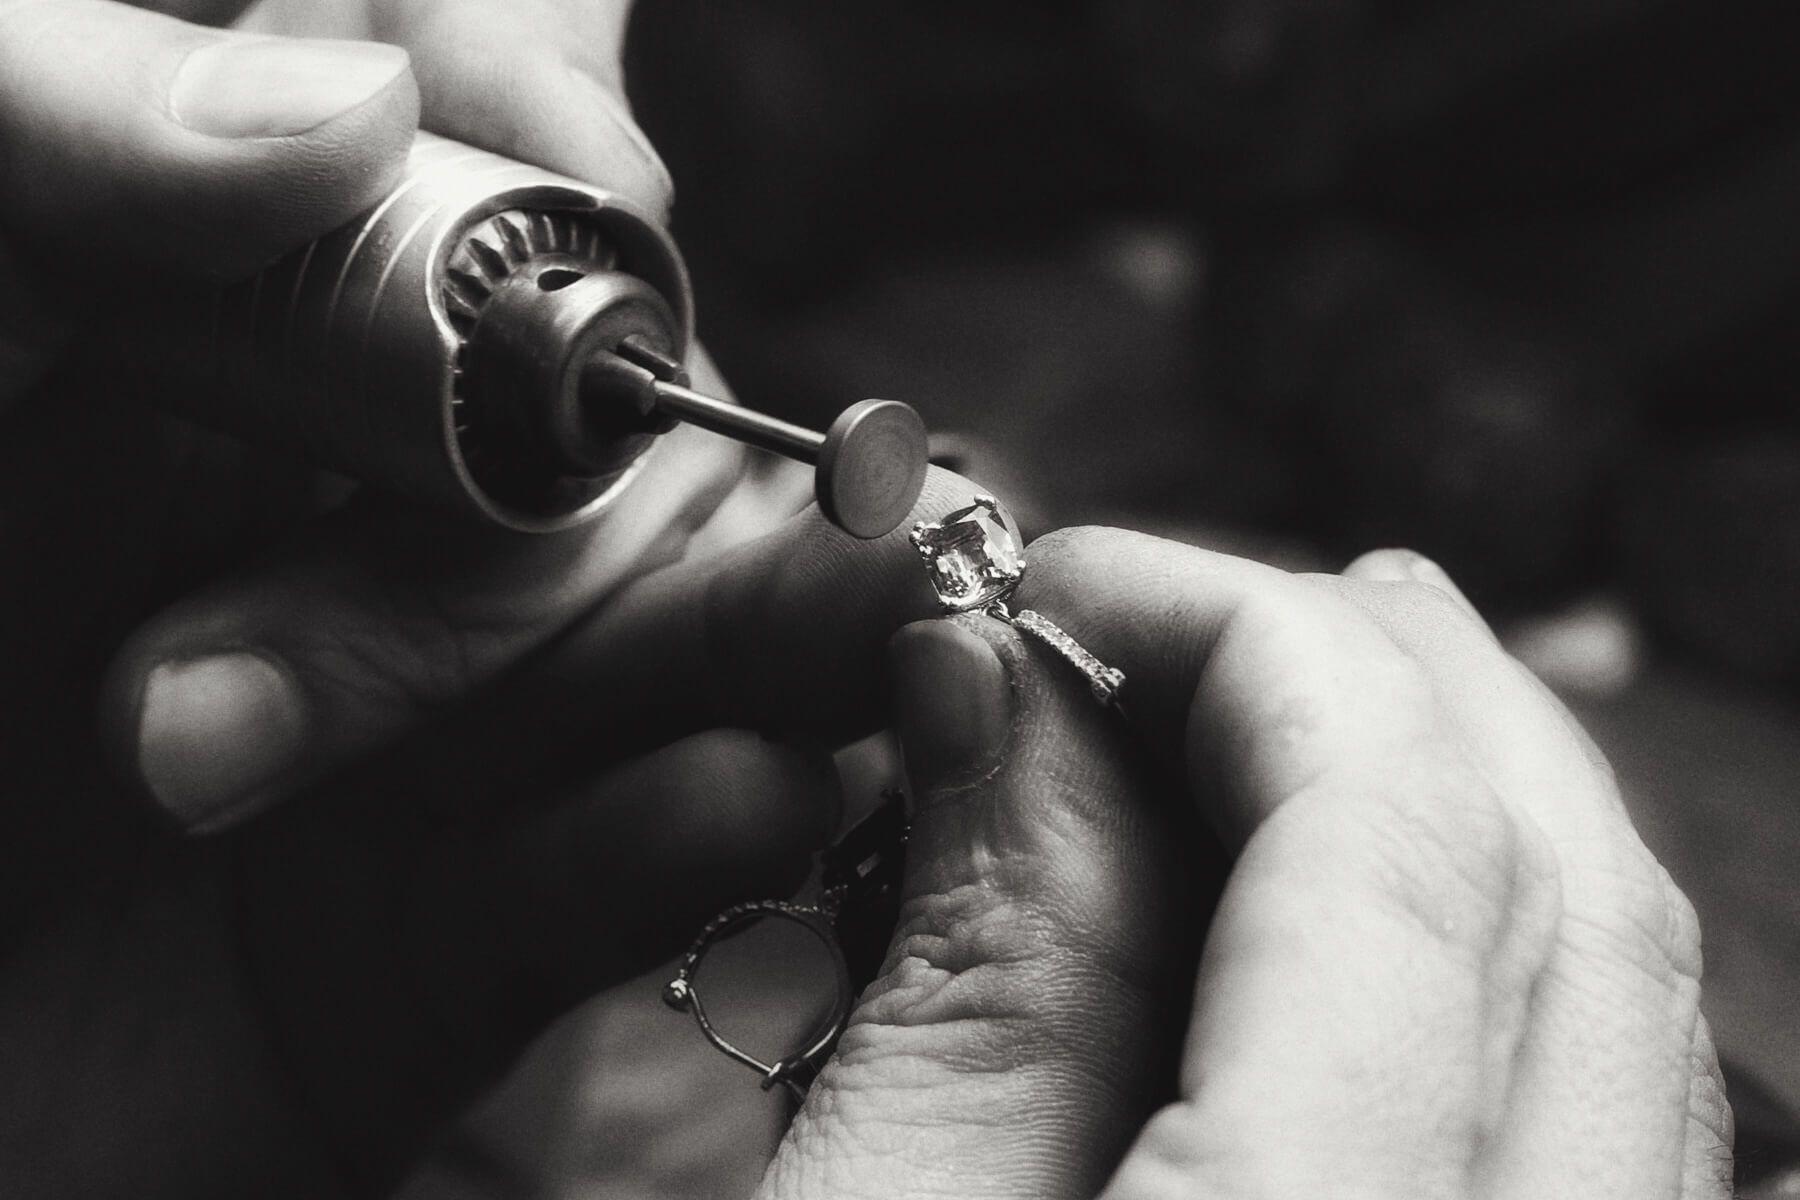 Cuando la delicadeza se combina con la artesanía